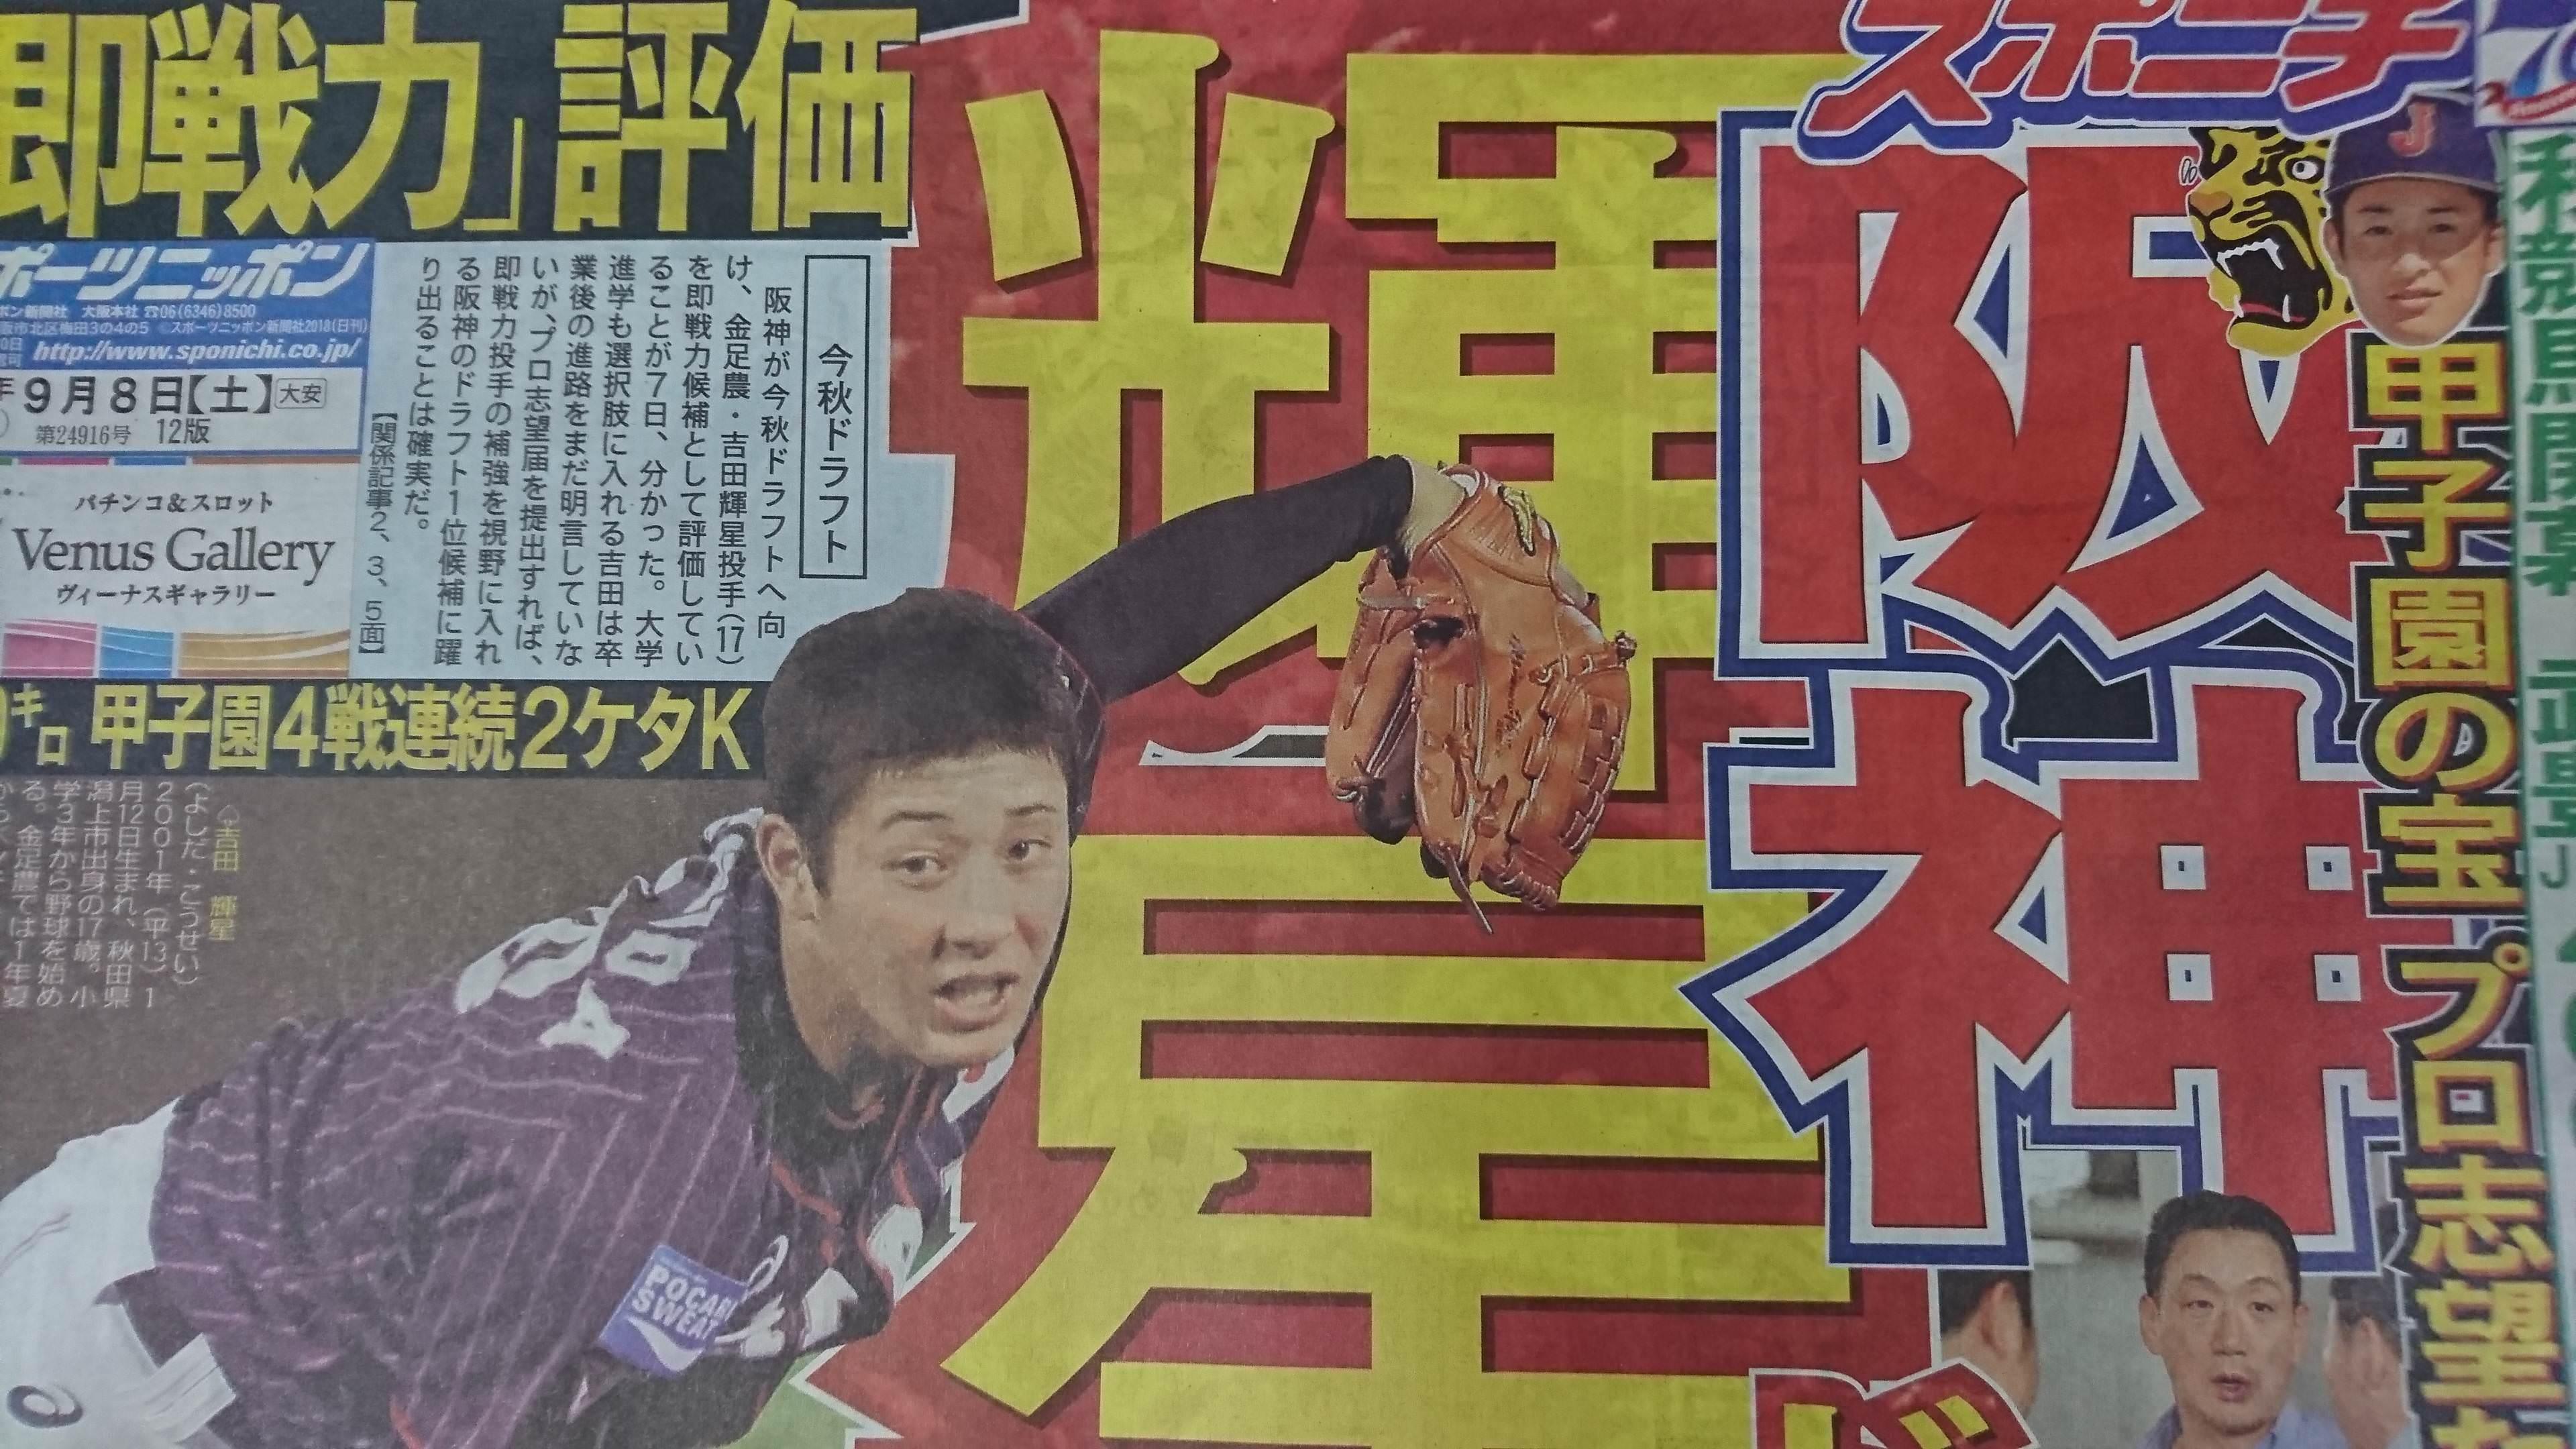 【阪神】輝星を1位候補に!球団幹部が明言「即戦力投手として評価」